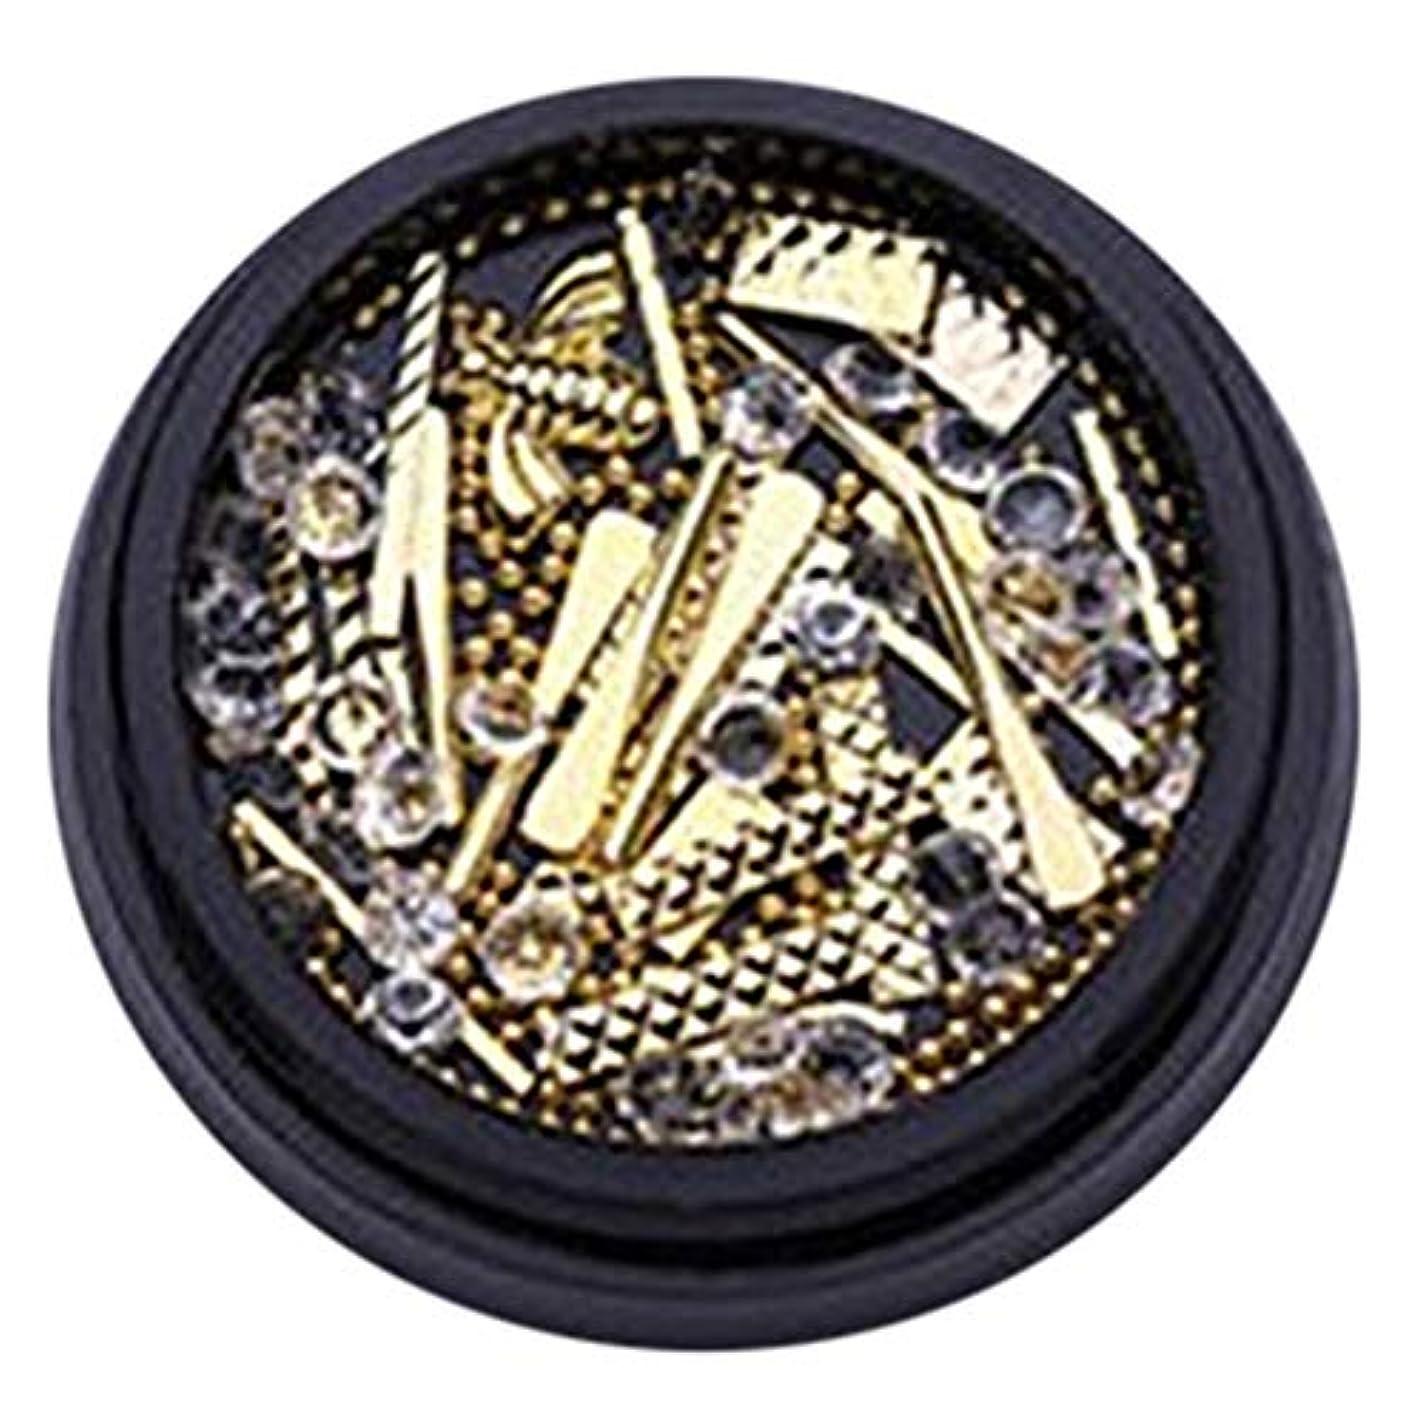 チャペル移動たくさんのhamulekfae-和風可愛い人気ブラクケア金属バー長方形リベットネイルアート宝石ラインストーンデコレーションホイールDIYのヒント - ゴールデンGolden